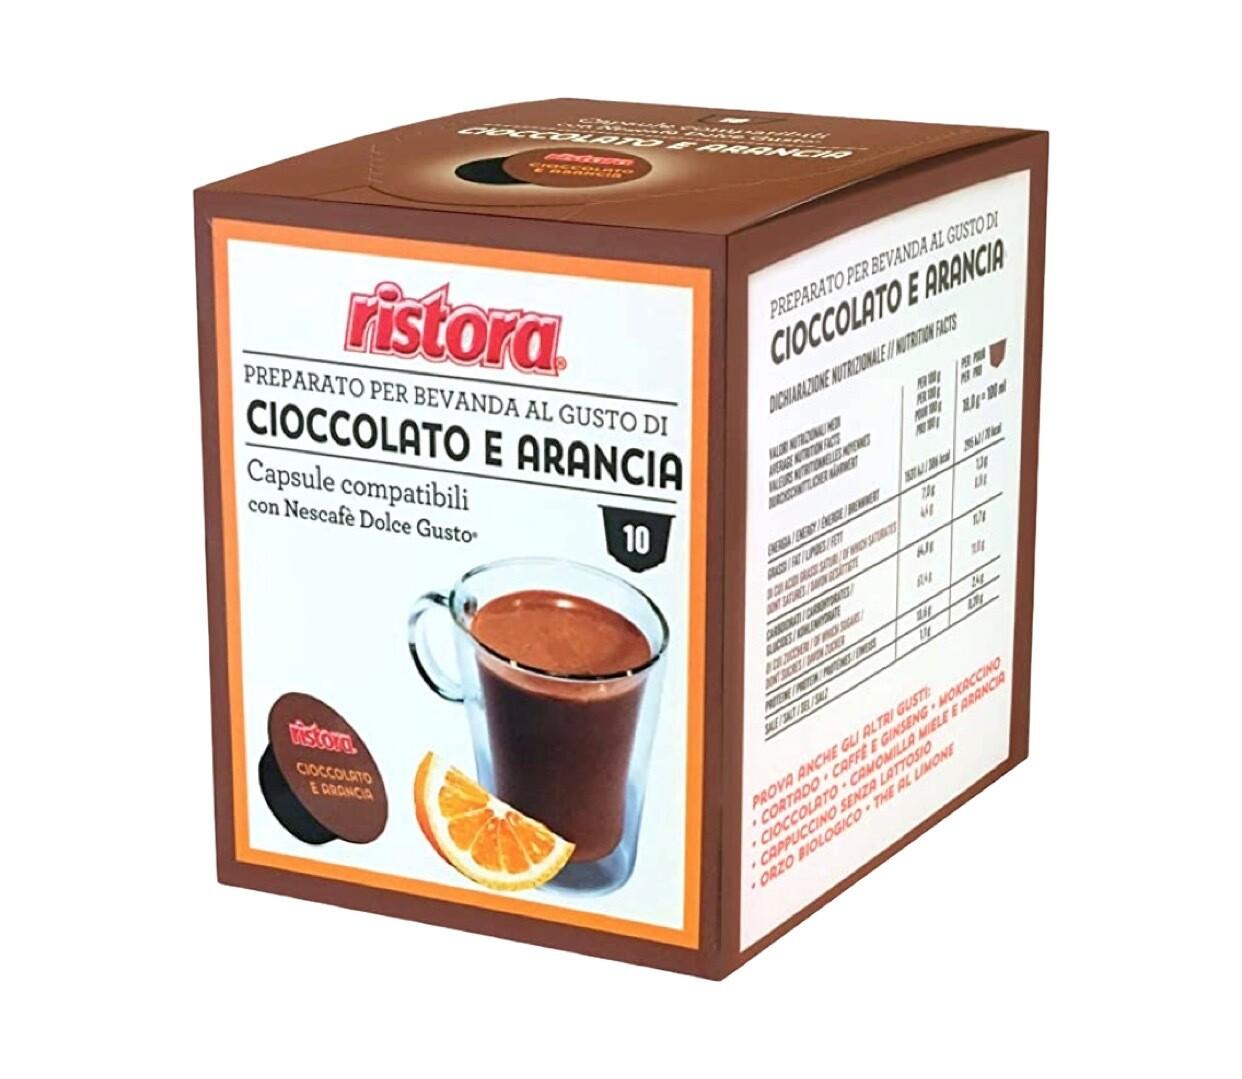 Ristora comp.DolceGusto* Ciocolato e Arancia Топло Чоколадо со вкус на портокал х10капсули